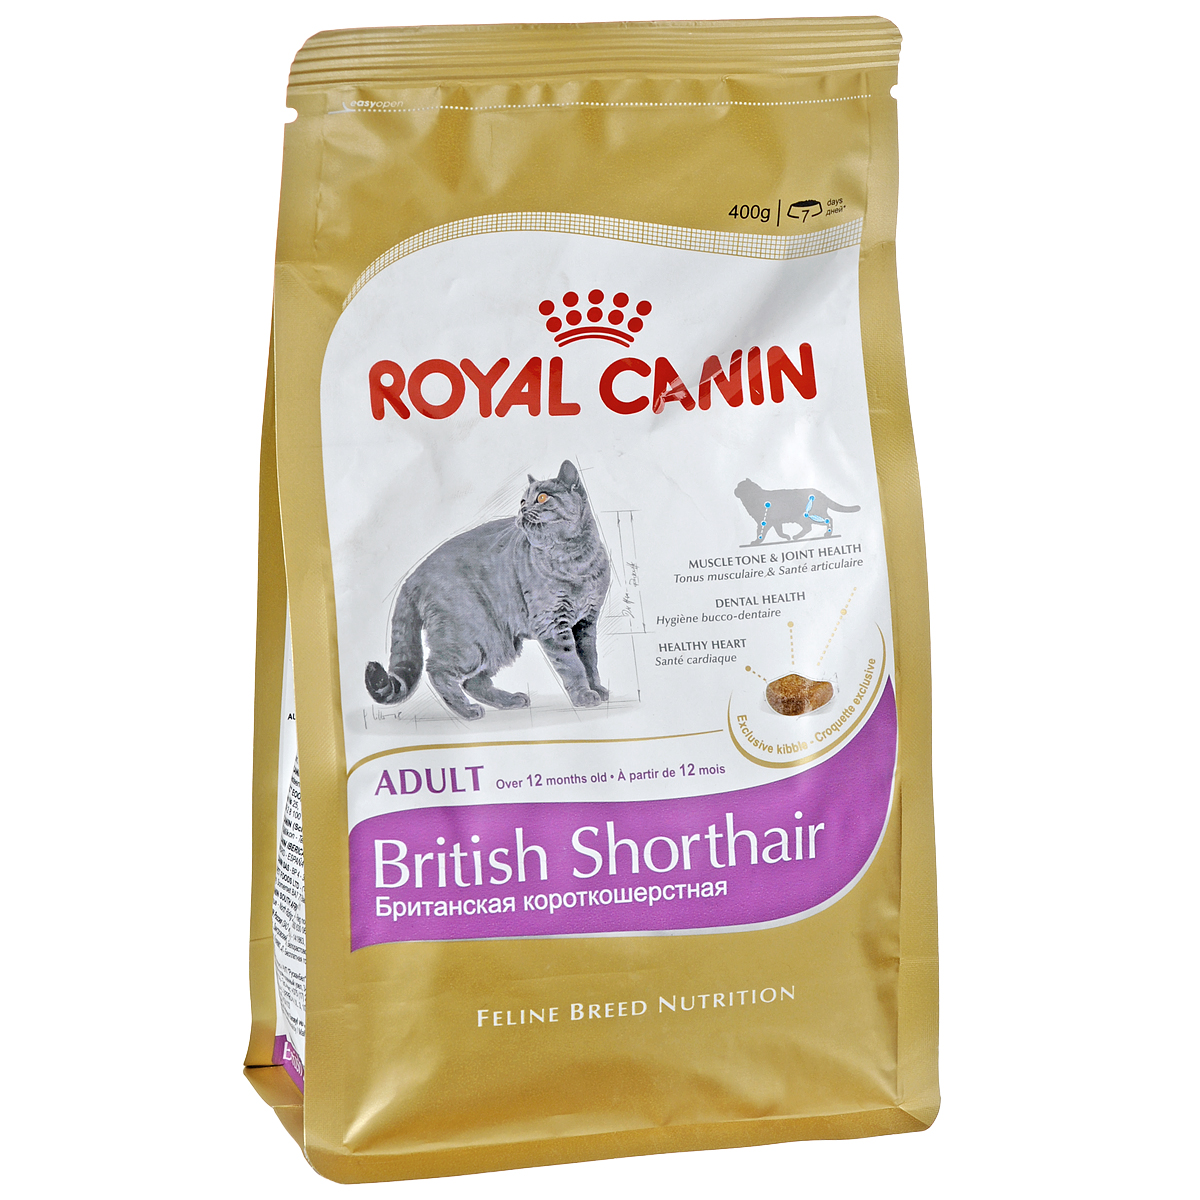 Корм сухой Royal Canin British Shorthair Adult, длябританских короткошерстных кошек старше 12 месяцев, 400 г6402Сухой корм Royal Canin British Shorthair Adult - полнорационный корм для британских короткошерстных кошек старше 12 месяцев.Британская короткошерстная кошка родом из Великобритании, что явствует из названия породы.Медленное разгрызание и поглощение корма: забота о гигиене ротовой полости. Чтобы кошка по возможности не проглатывала корм, не разгрызая, ей необходимы крокеты особой формы и размера — тогда их поедание будет более физиологичным. Это решает и проблему чистки зубов: таким образом поддерживается гигиена ротовой полости. Поддержание оптимальной формы. Мощные и коренастые, британские короткошерстные кошки испытывают повышенную нагрузку на суставы в сравнении с кошками меньшего веса.Крупное сердце — риск для здоровья. Эта порода имеет предрасположенность к сердечным заболеваниям. Соблюдение диетических рекомендаций — залог здоровья сердца! Мышечный тонус и здоровье суставов.У британской короткошерстной кошки мощное плотное телосложение, вследствие чего повышается нагрузка на суставы. Продукт BRITISH SHORTHAIR помогает поддерживать здоровье костей и суставов, а также оптимальную мышечную массу. Здоровье зубов.Уникальная форма и большие размеры крокет побуждают британских короткошерстных кошек тщательно разгрызать корм, за счет чего поддерживается гигиена ротовой полости.Здоровье сердца.Продукт обогащен таурином и жирными кислотами EPA и DHA. Специально для челюстей британских короткошерстных кошек.AMETHYST 12 — крокета, специально предназначенная для массивных челюстей британских короткошерстных кошек. Форма крокеты позволяет им легче захватывать и тщательно разгрызать корм.Состав: дегидратированное мясо птицы, изолят растительных белков, рис, кукуруза, животные жиры, кукурузная клейковина, растительная клетчатка, гидролизат белков животного происхождения, жом цикория, минеральные вещества, соевое масло, рыбий жир, фруктоолигосахариды, гидролизат дрож